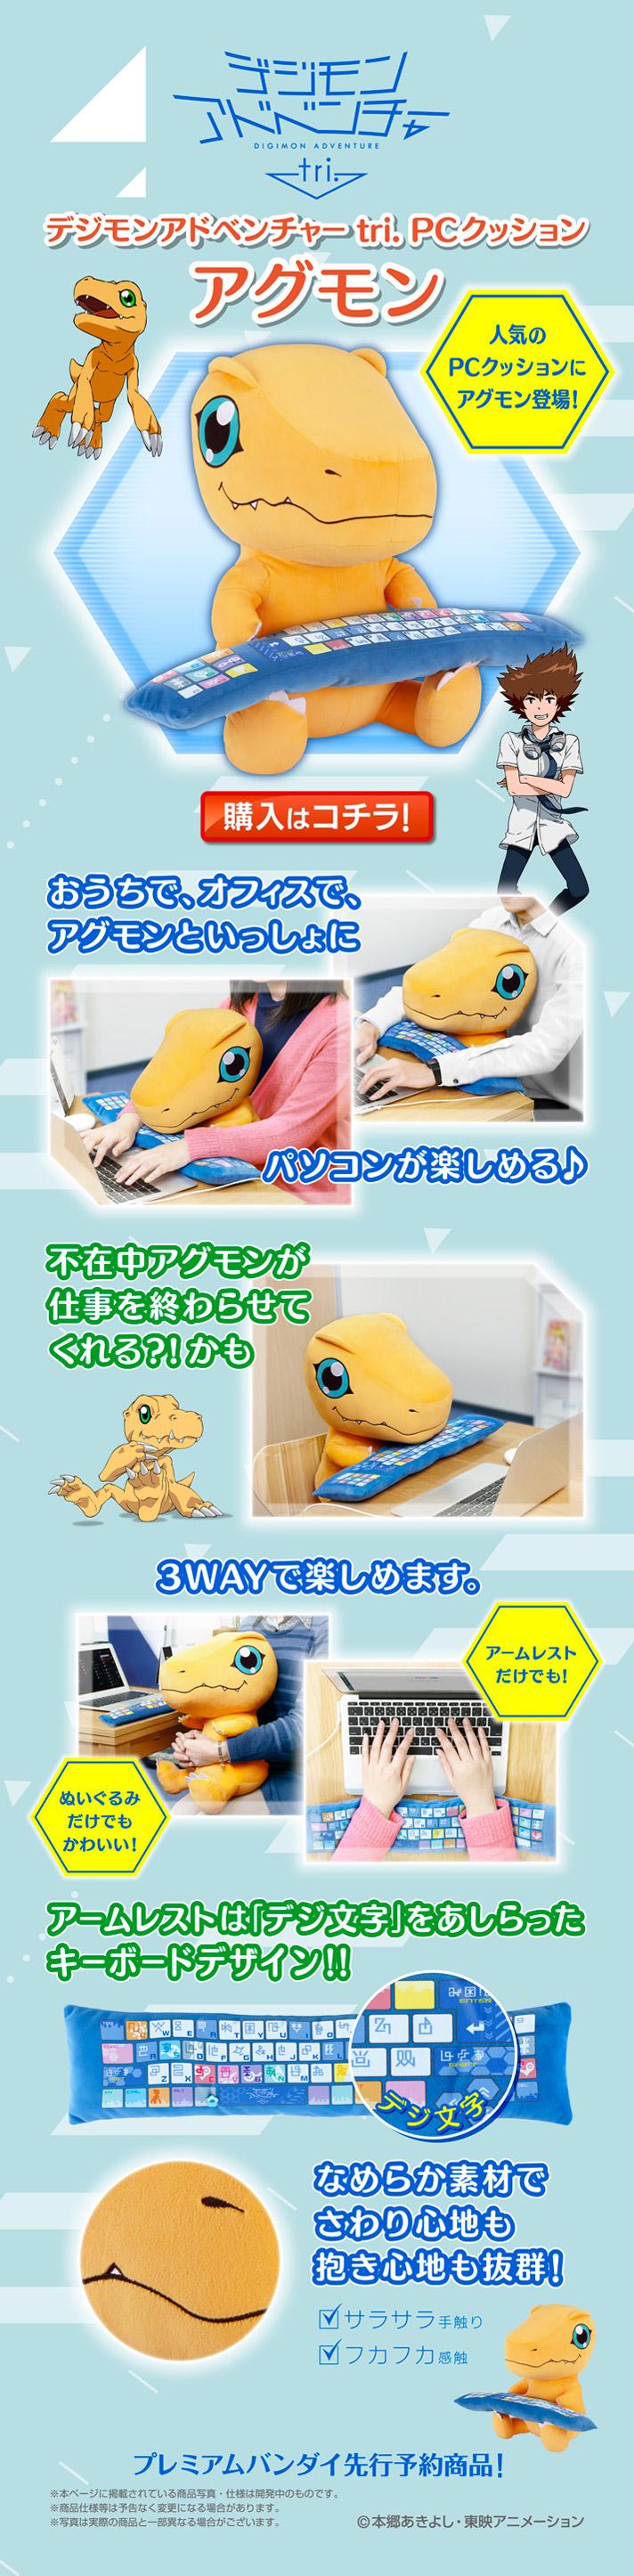 Digimon's Agumon PC Cushion Plush